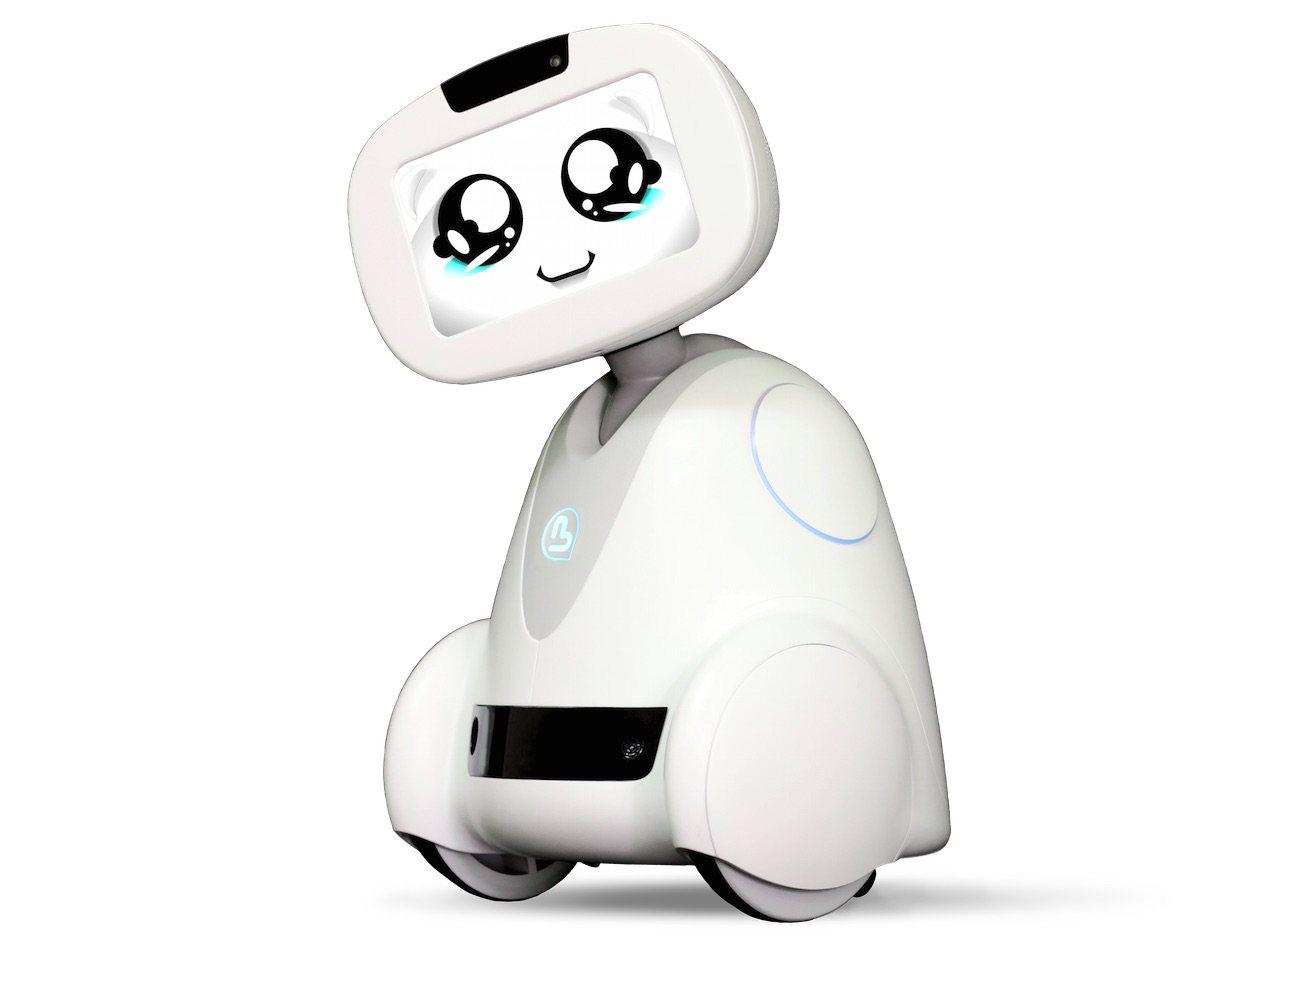 softbank robotics cherche des partenaires pour son robot. Black Bedroom Furniture Sets. Home Design Ideas